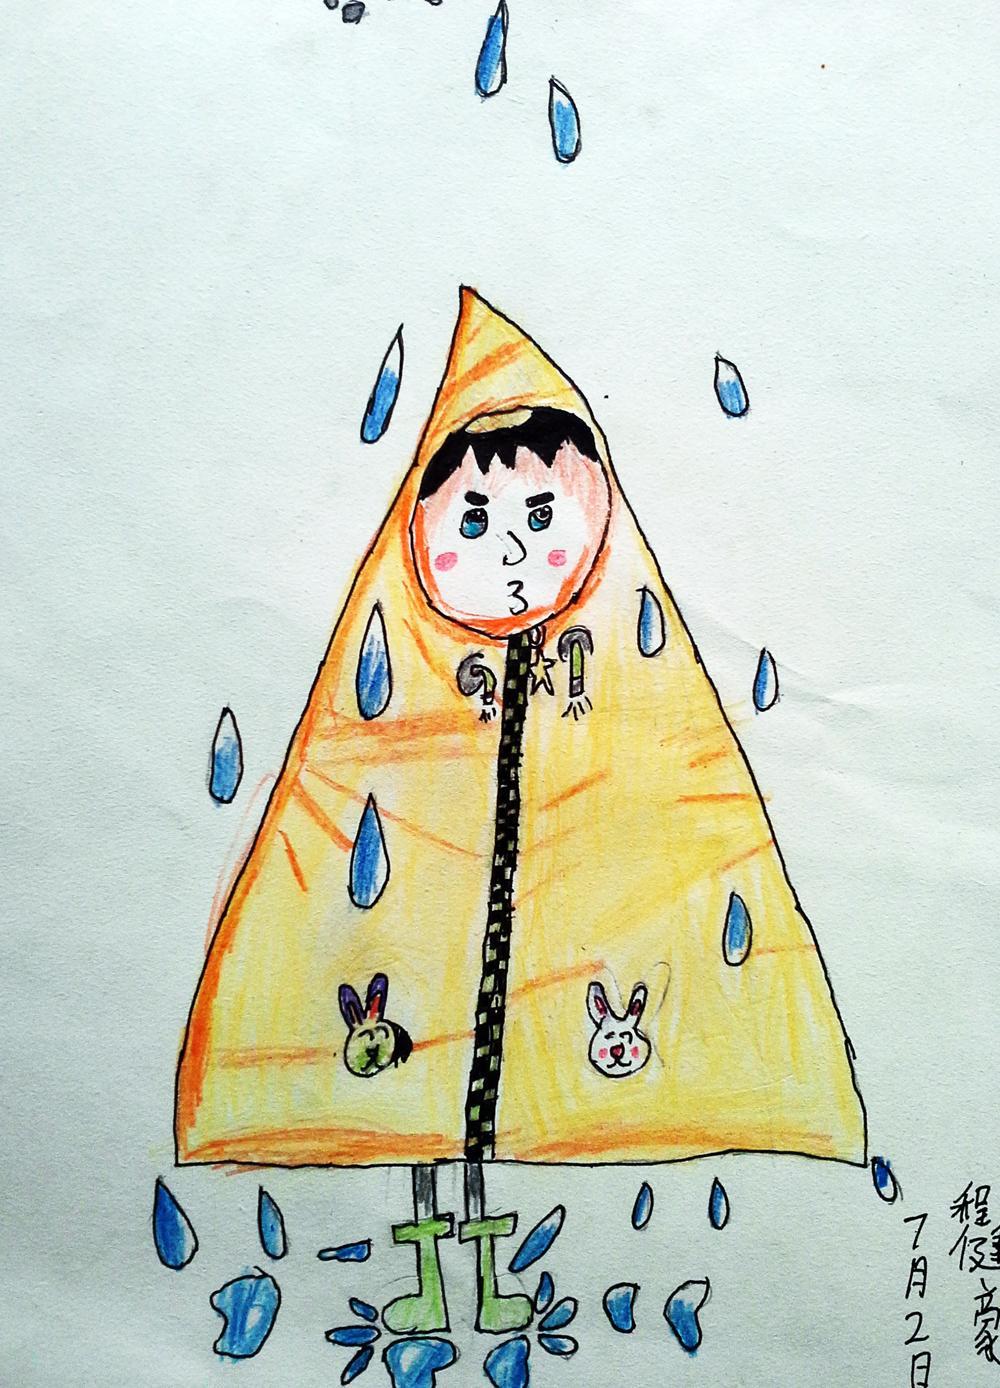 雨天-蜡笔画图集